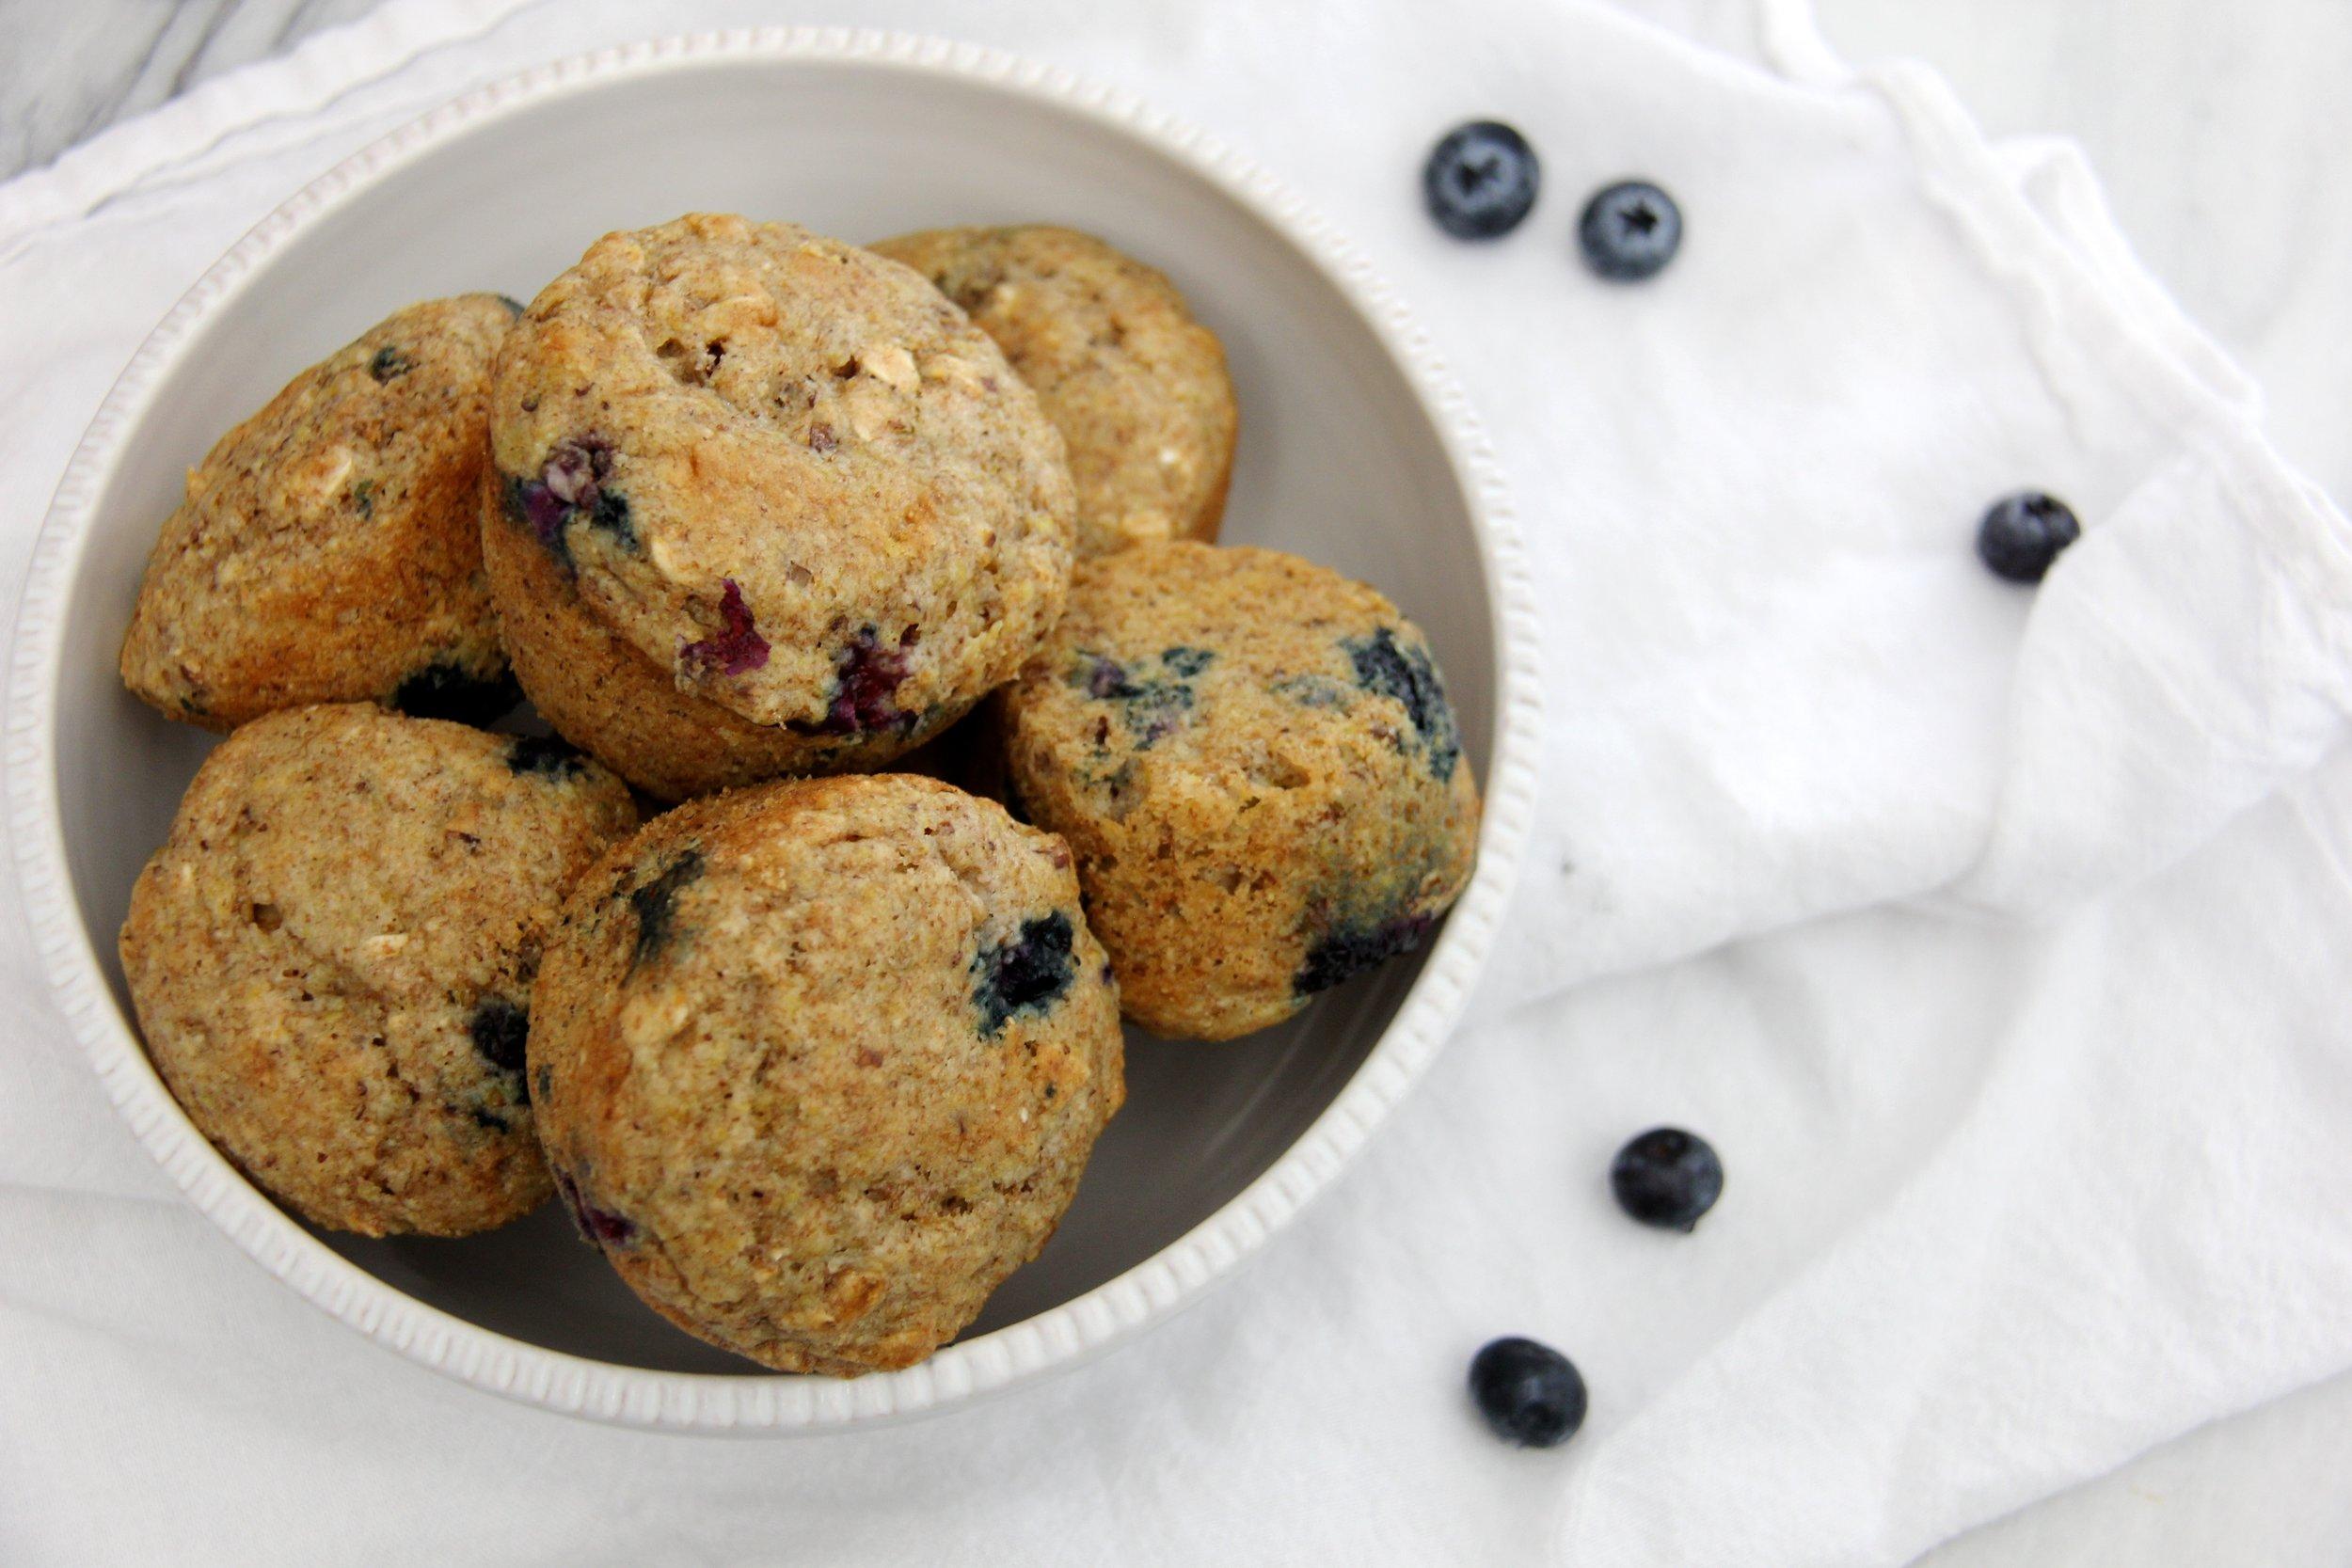 Health Nut Blueberry Muffins